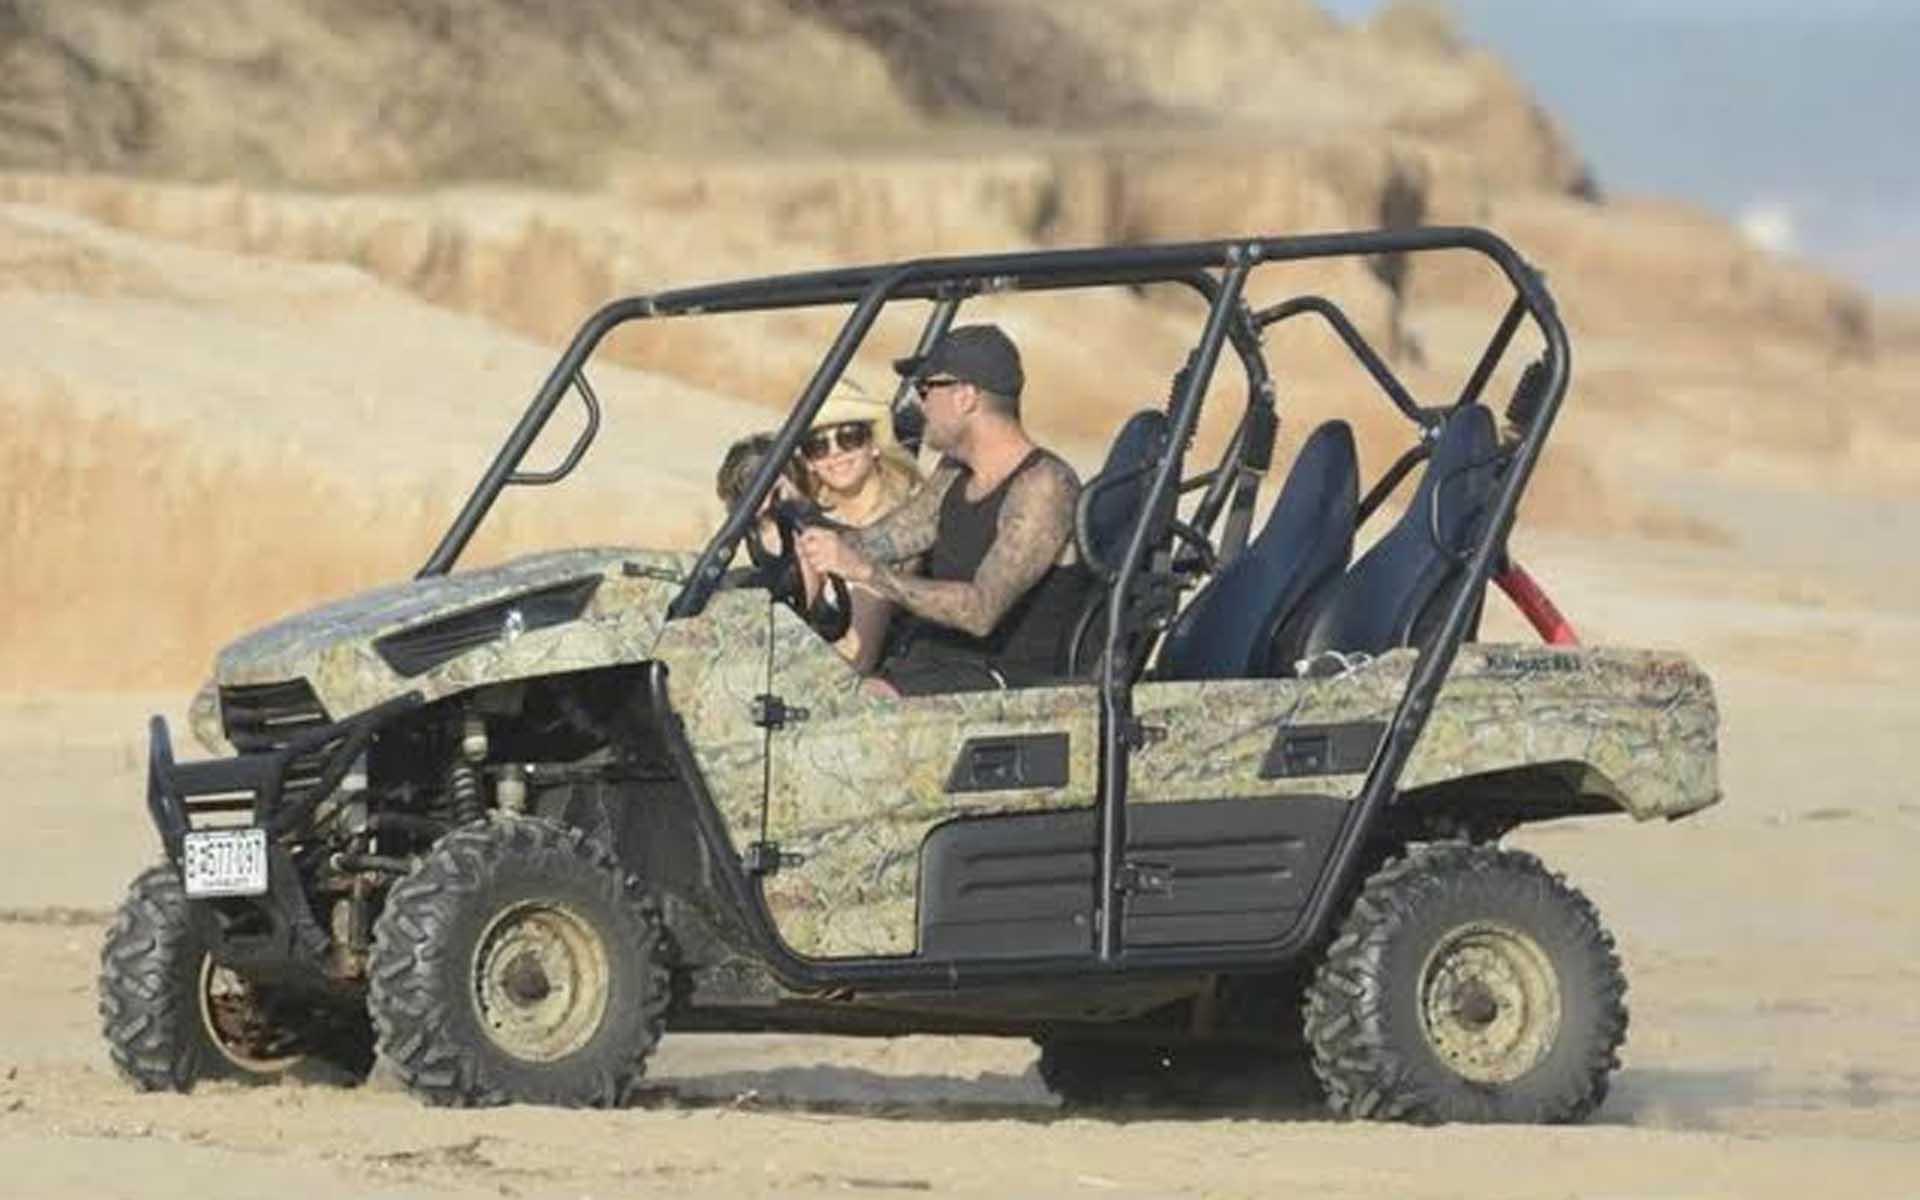 Marcelo Tinelli y Guillermina Valdés recorriendo las arenas en el buggy camuflado con lugar para cuatro pasajeros